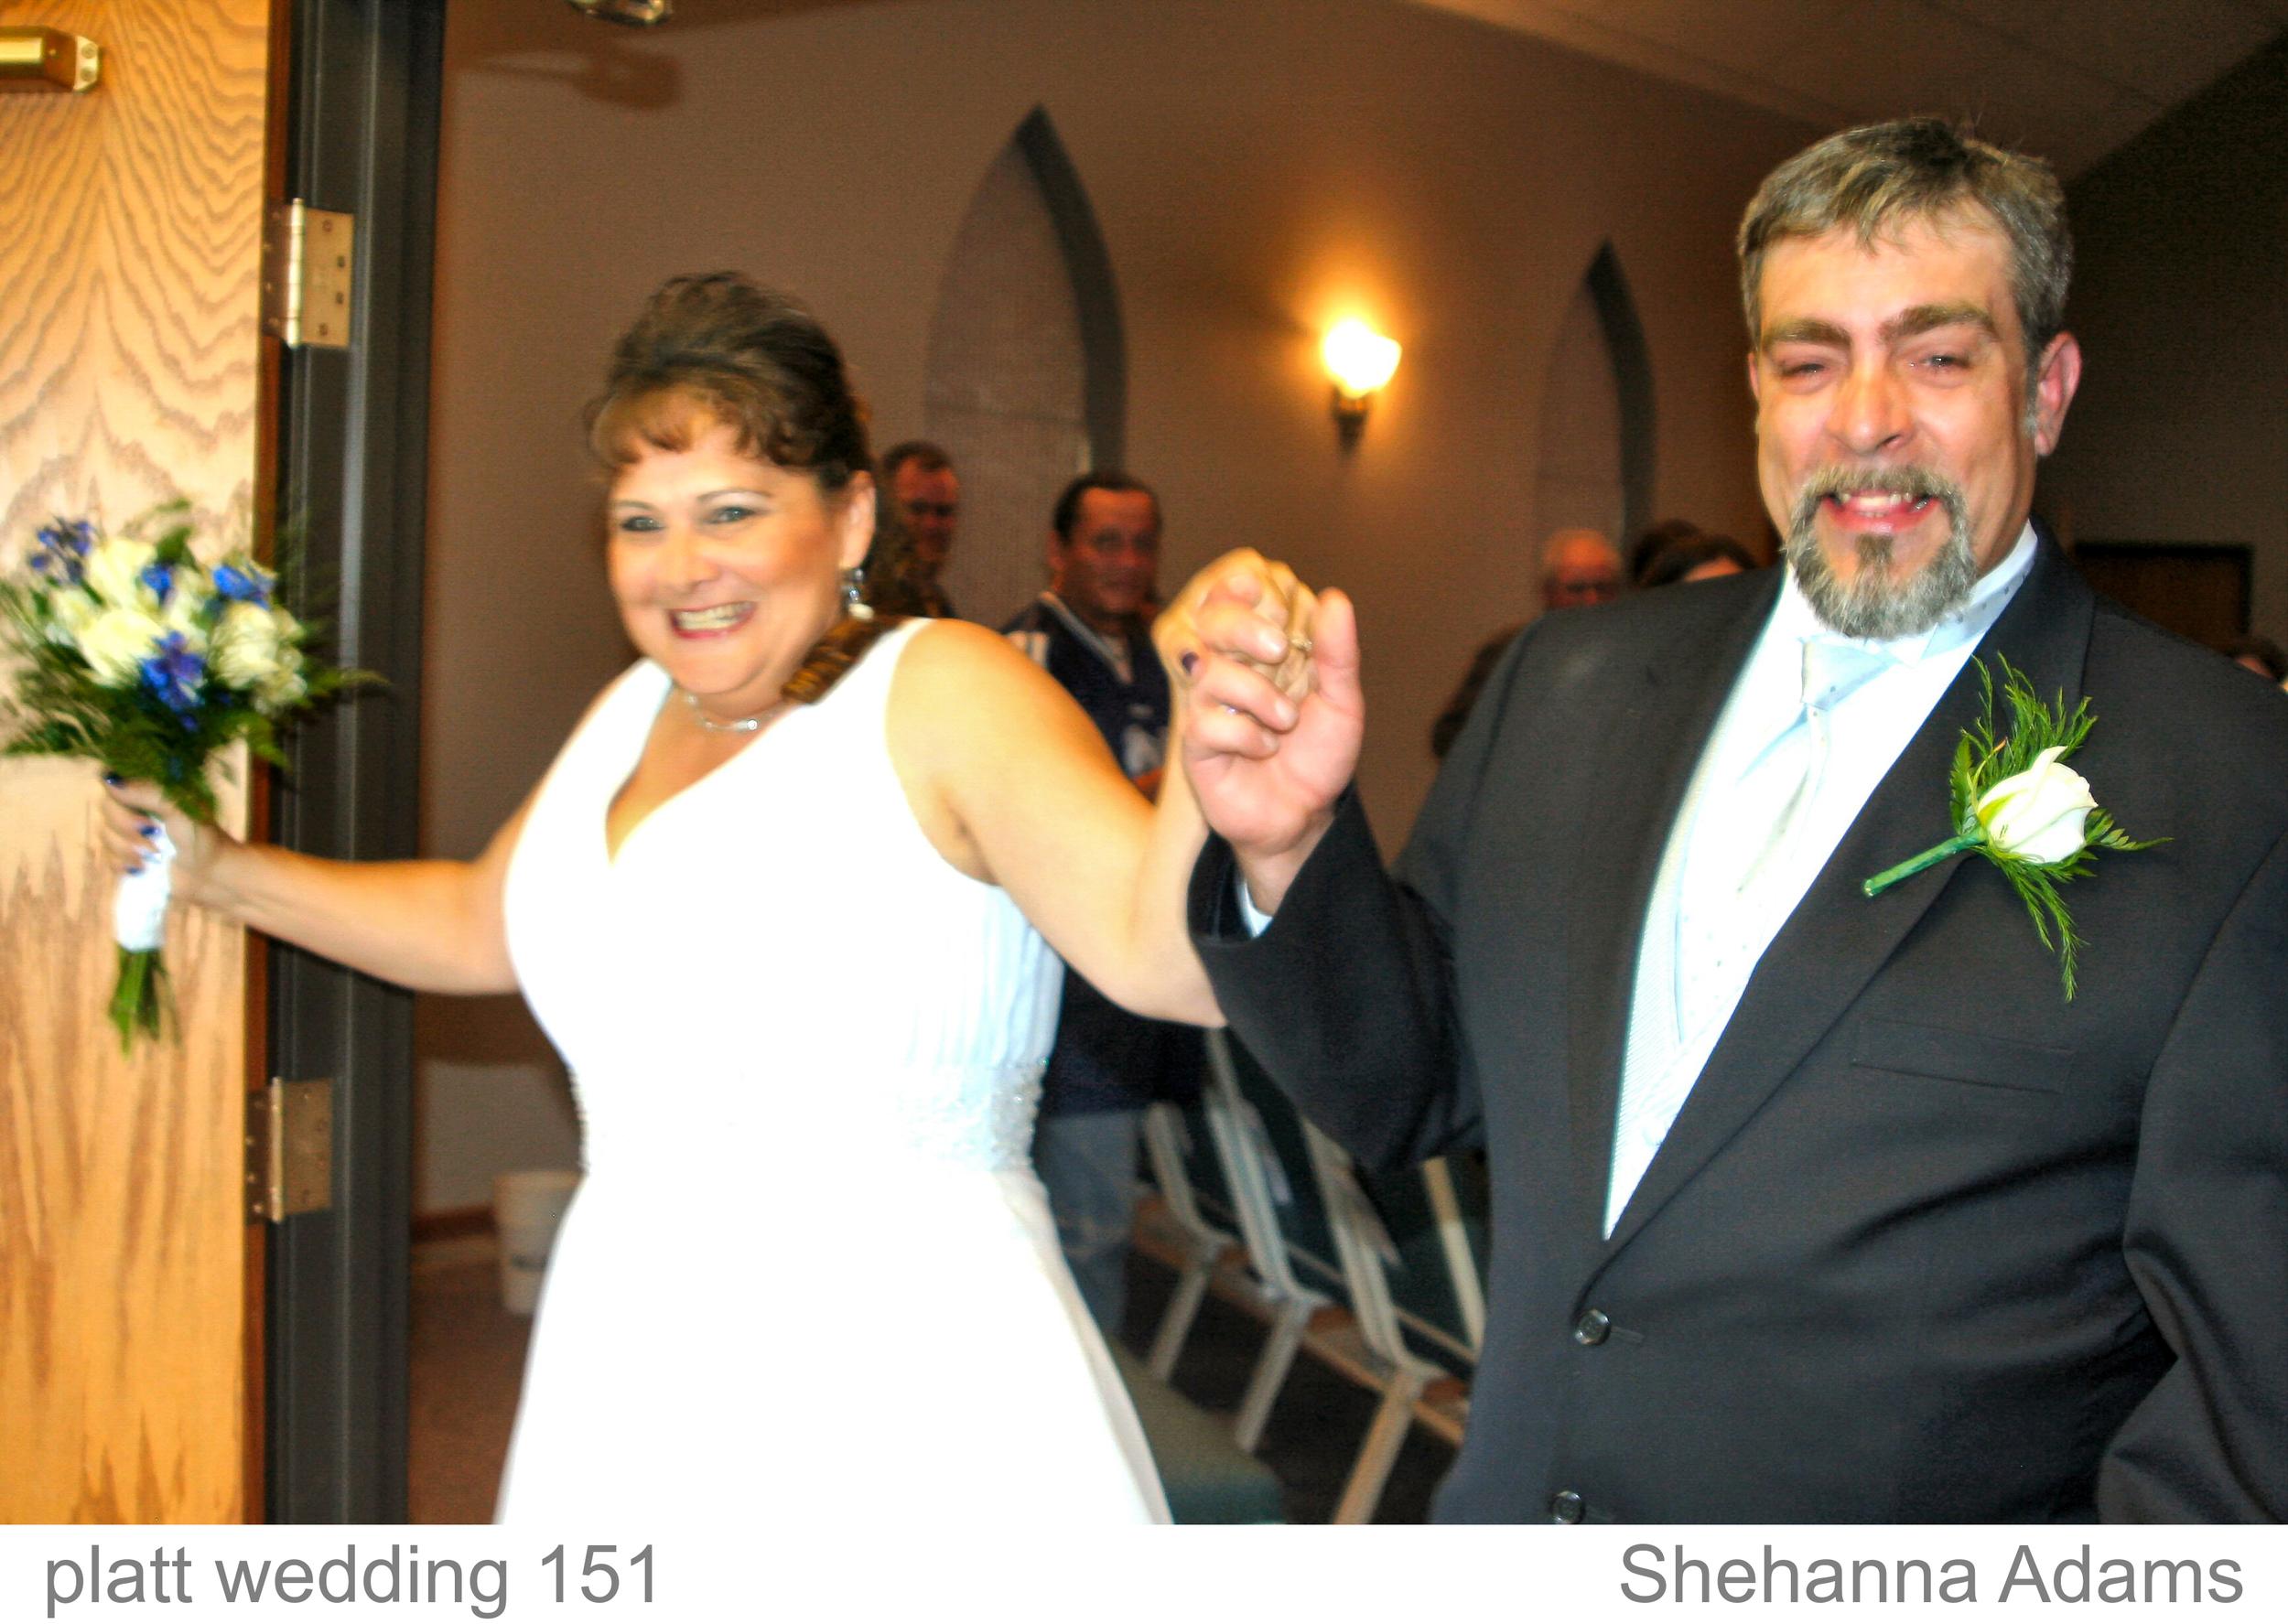 platt wedding 151.jpg